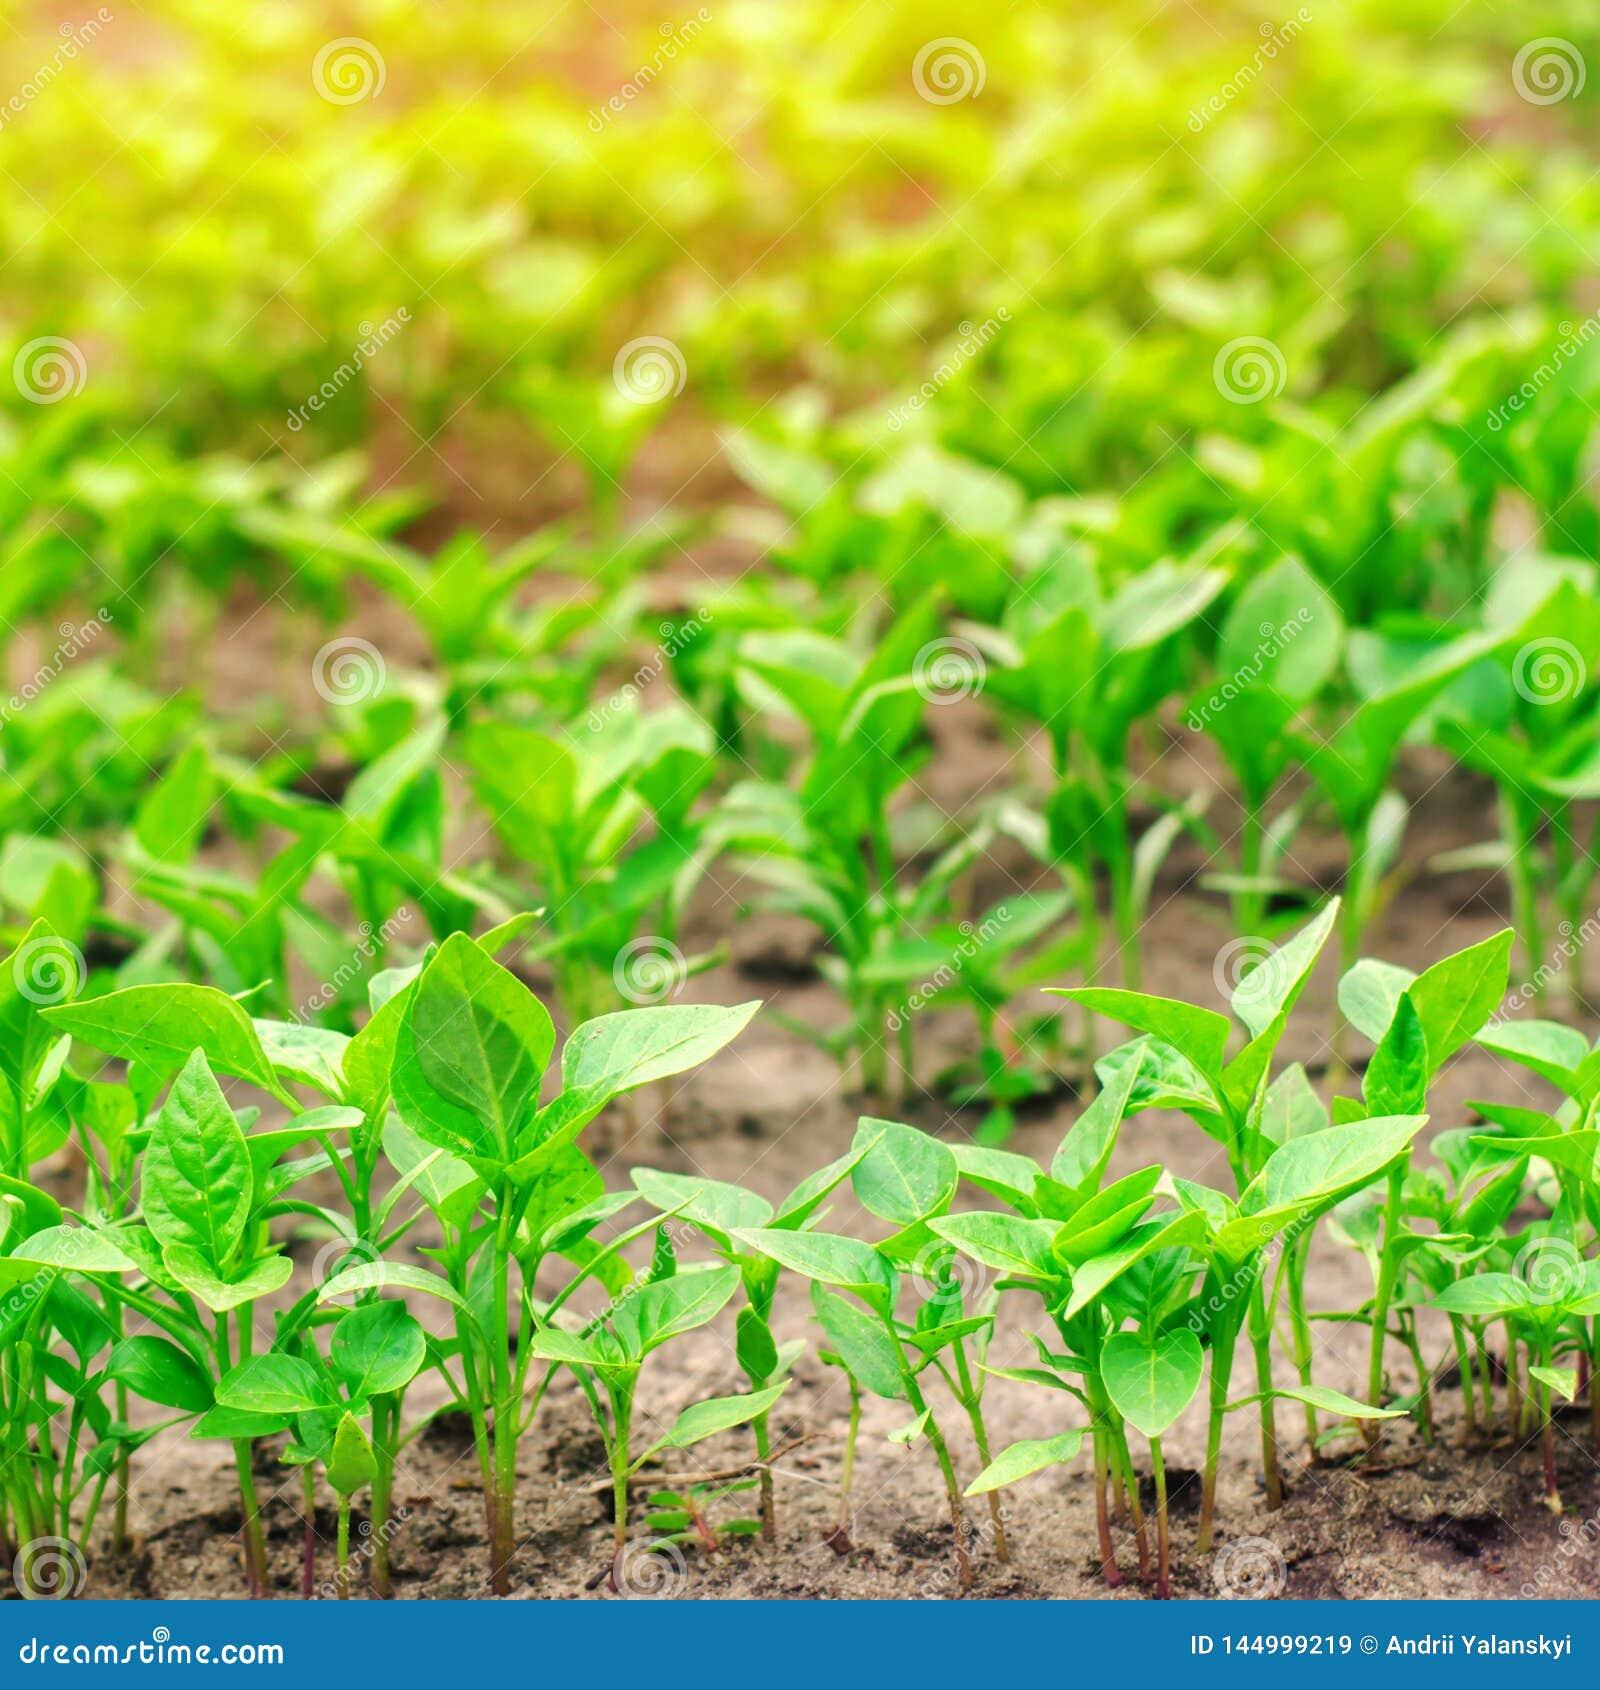 Πράσινα σπορόφυτα πιπεριών στο θερμοκήπιο, έτοιμο για τη μεταμόσχευση στον τομέα, καλλιέργεια, γεωργία, λαχανικά, φιλικά προς το